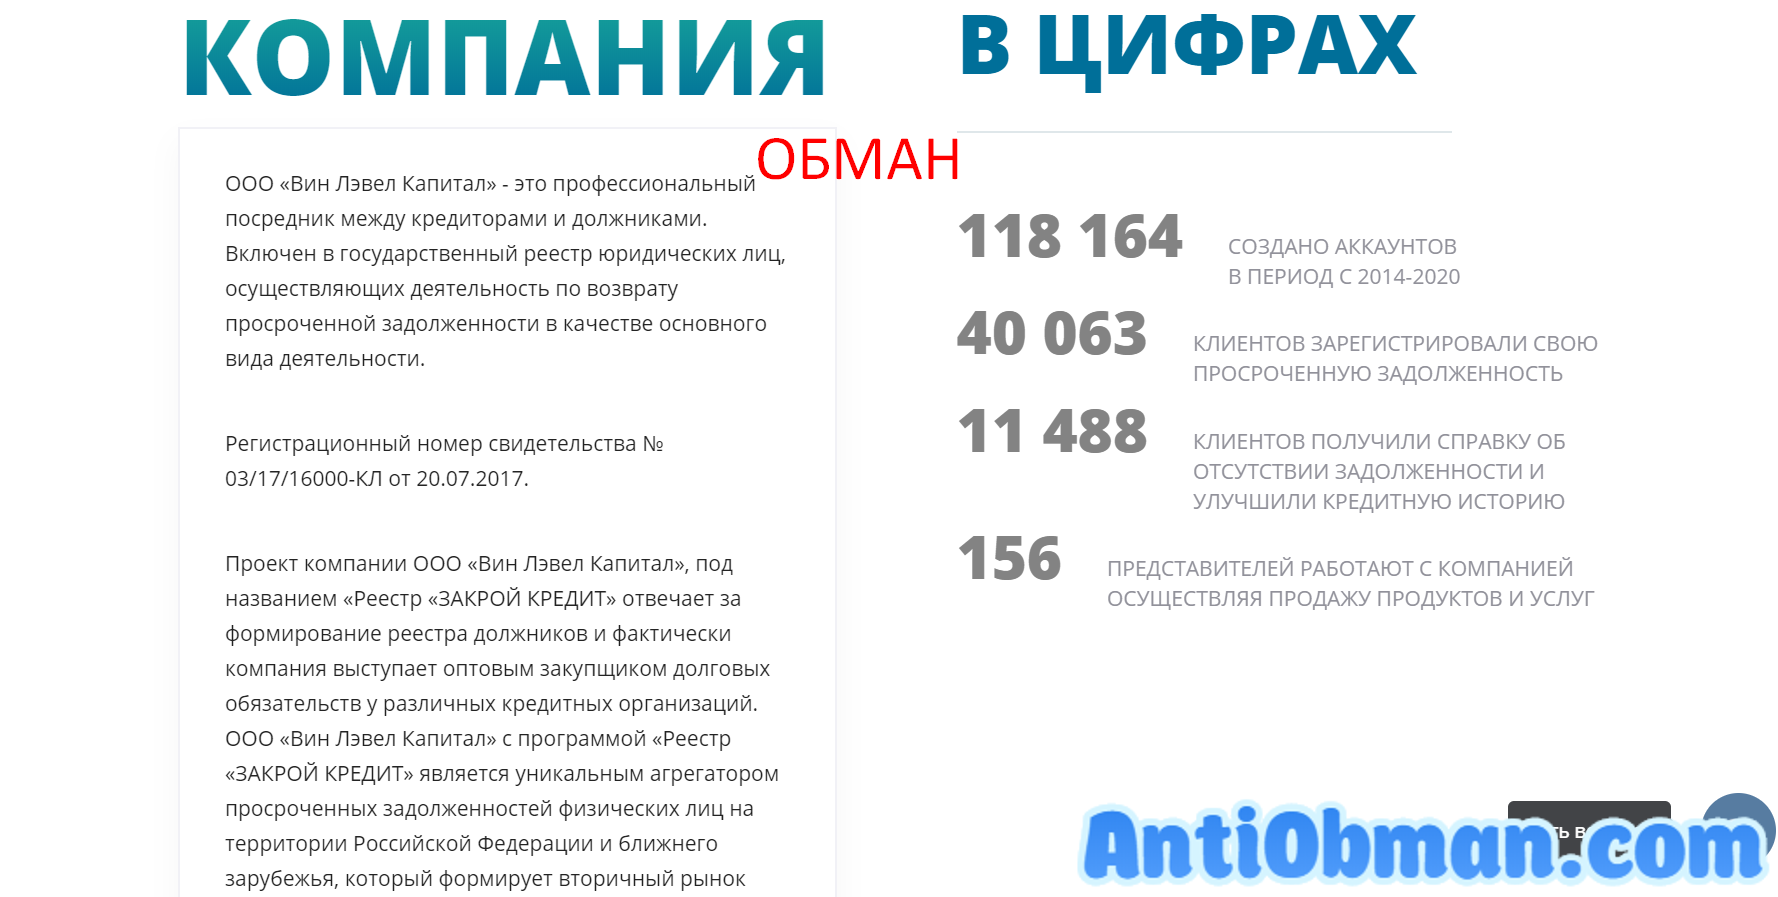 Вин Лэвел Капитал (Winlevel.ru) - отзывы клиентов. Развод?